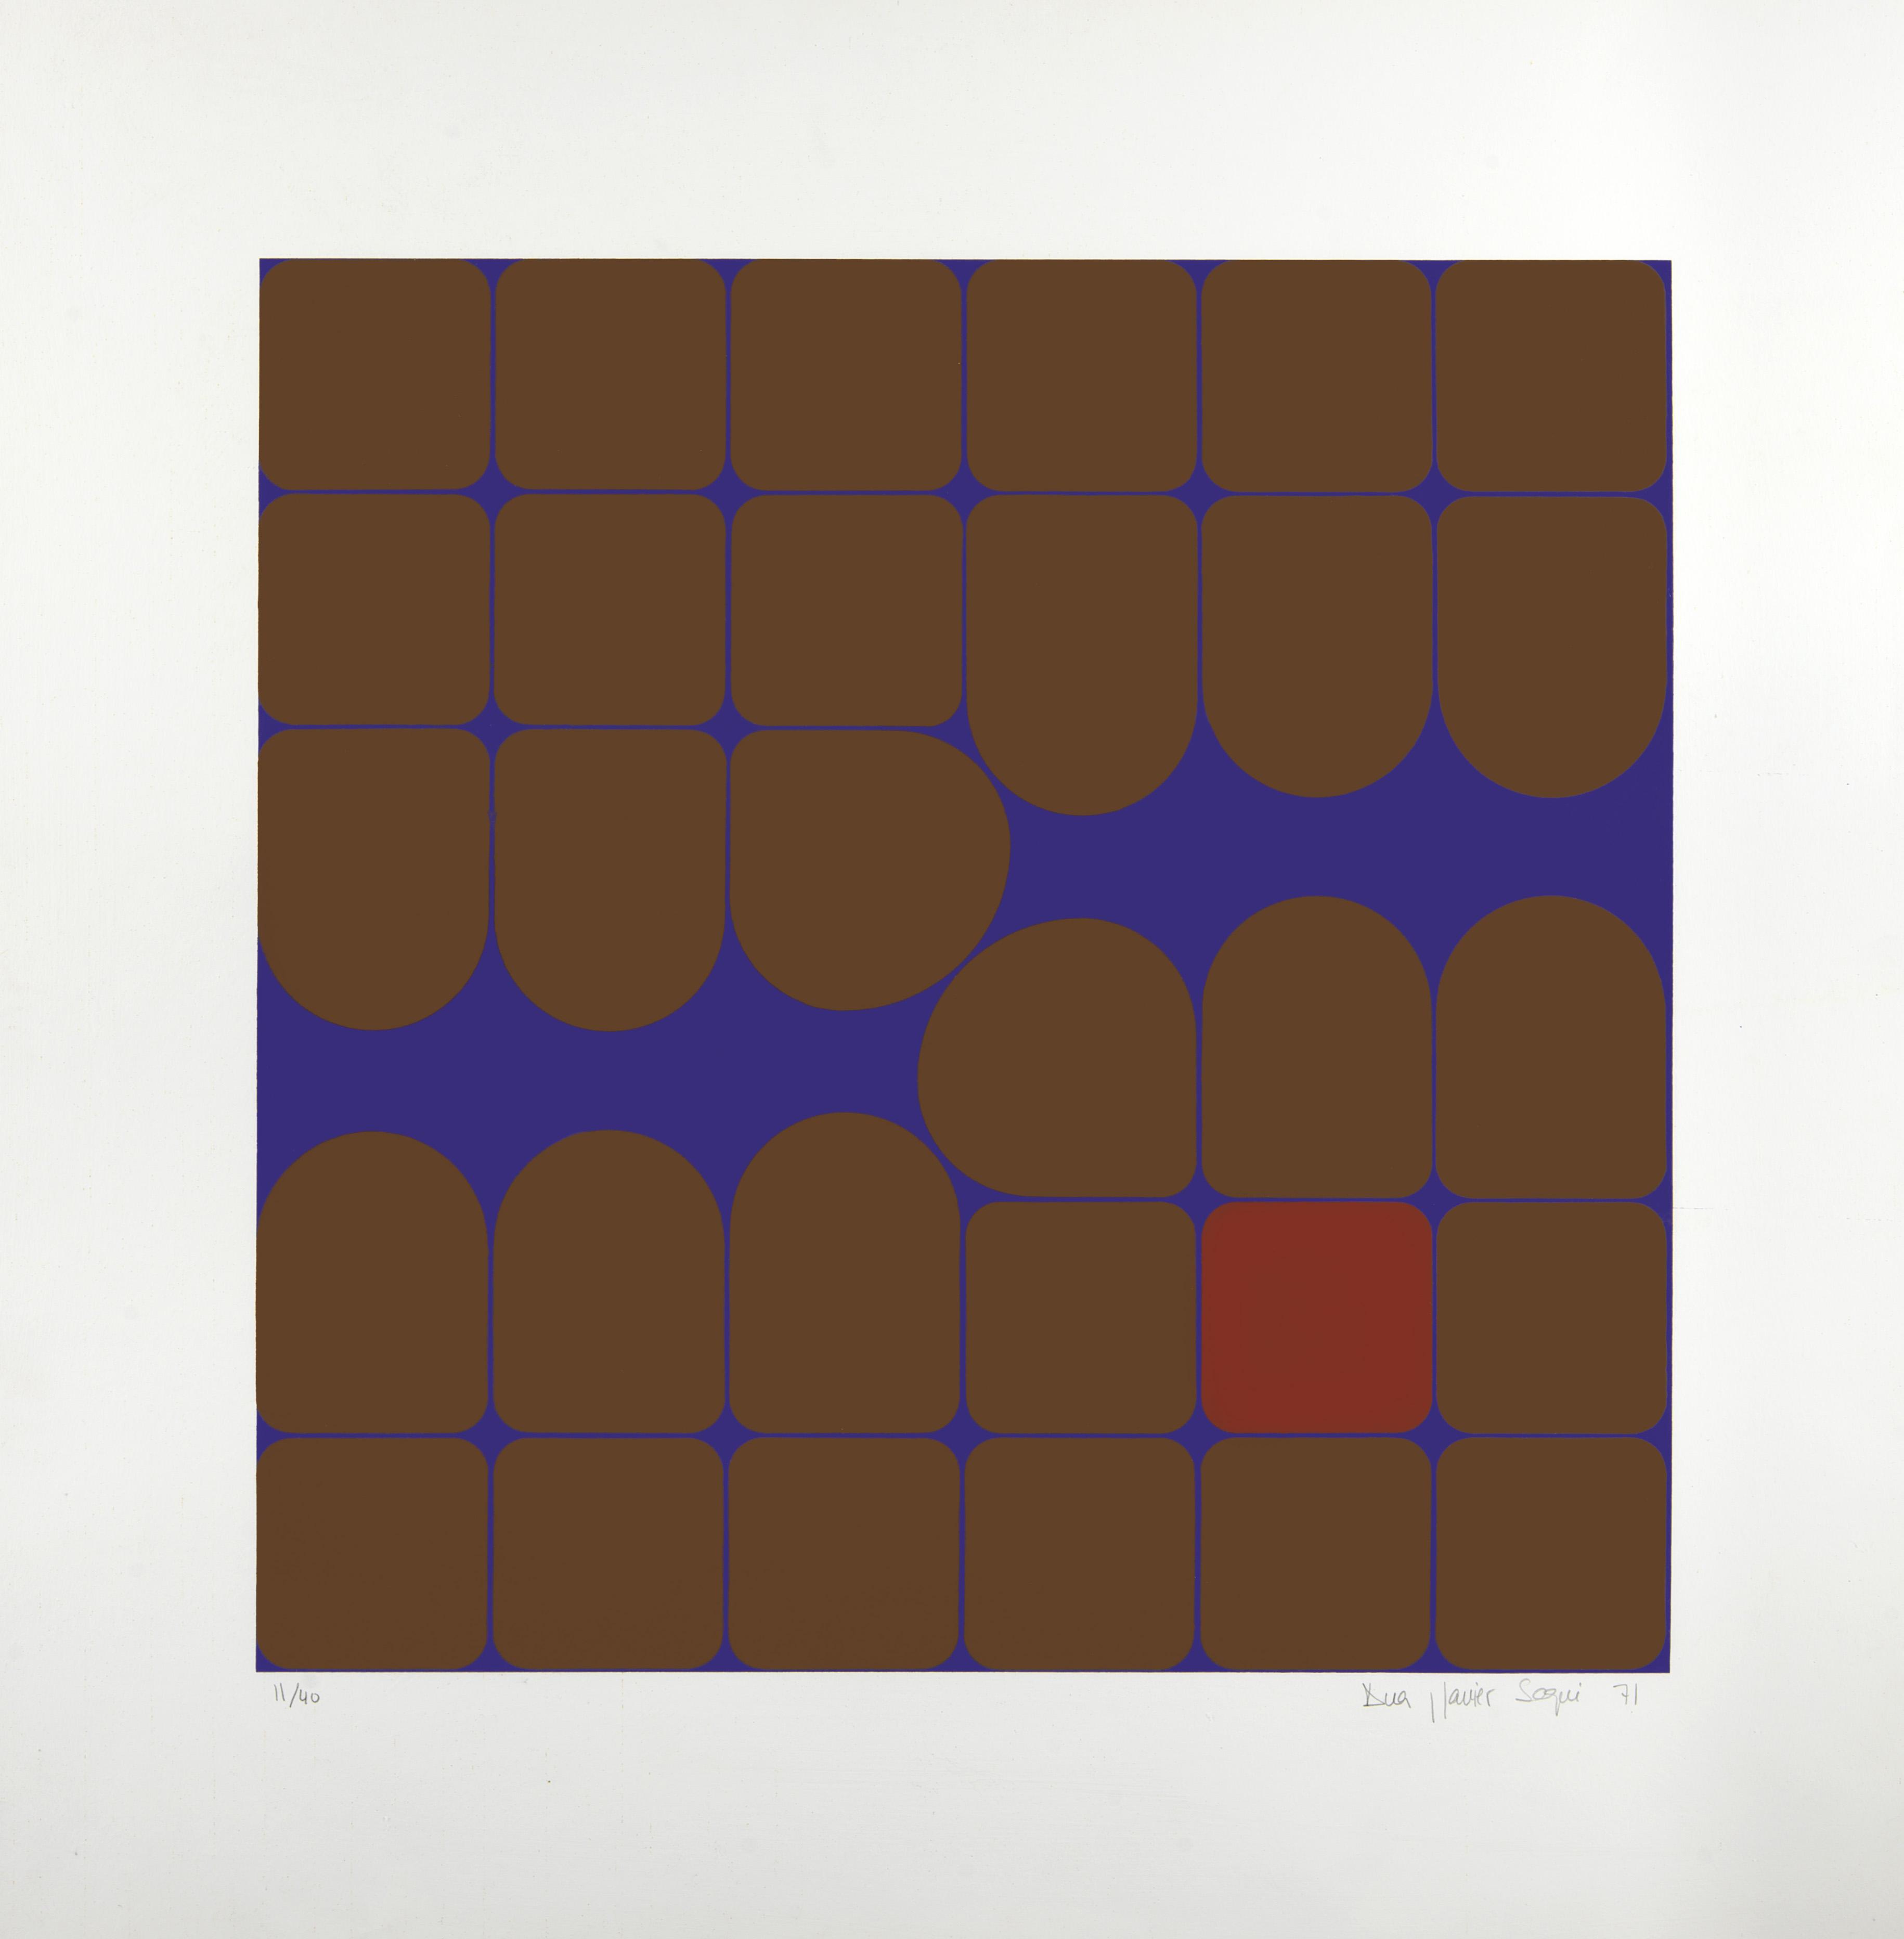 Sin título (1971) - Ana Buenaventura